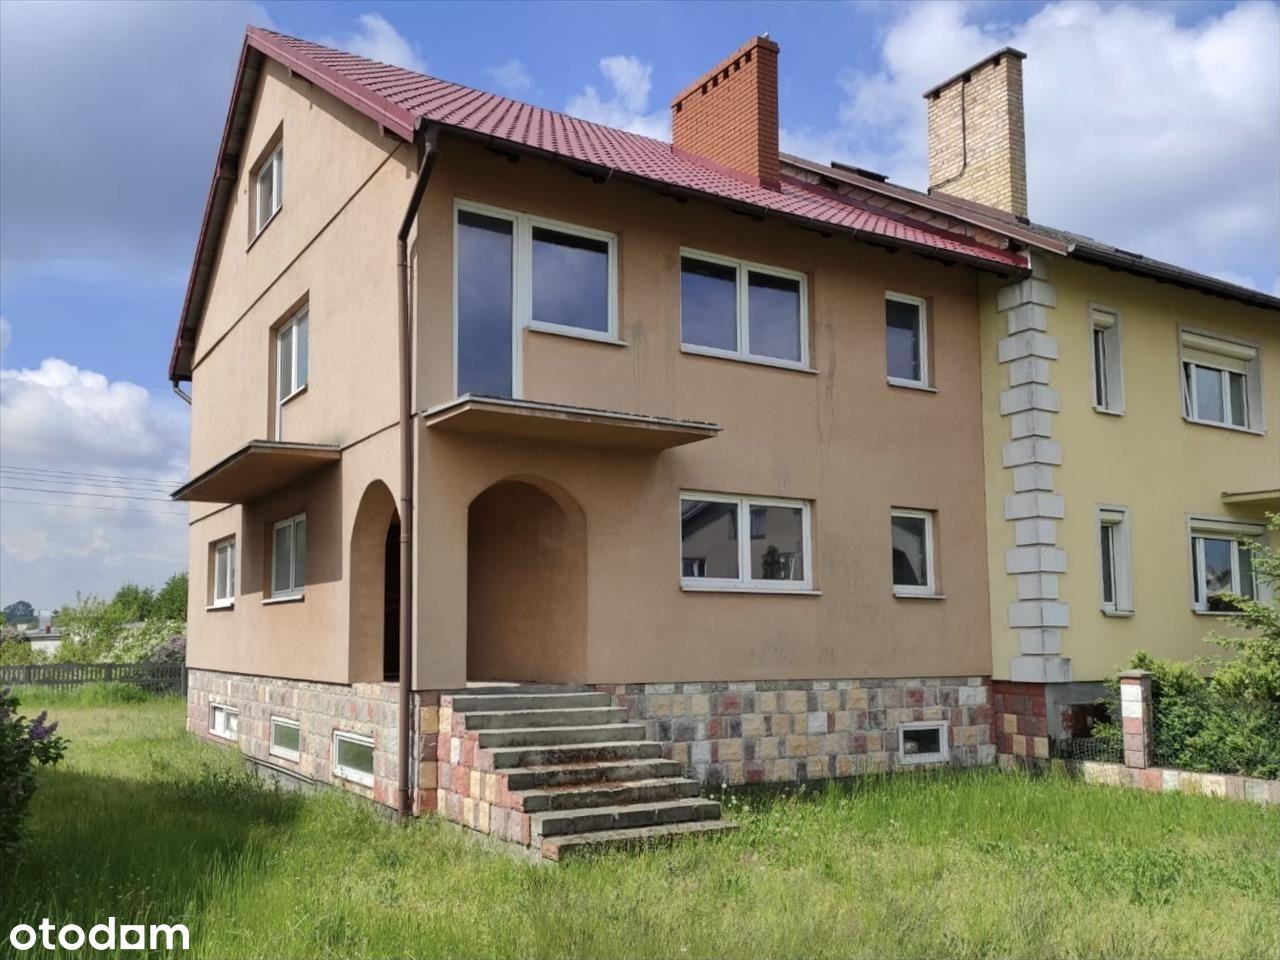 Ciechocinek, Dom w budowie 239 m2, działka 429 m2